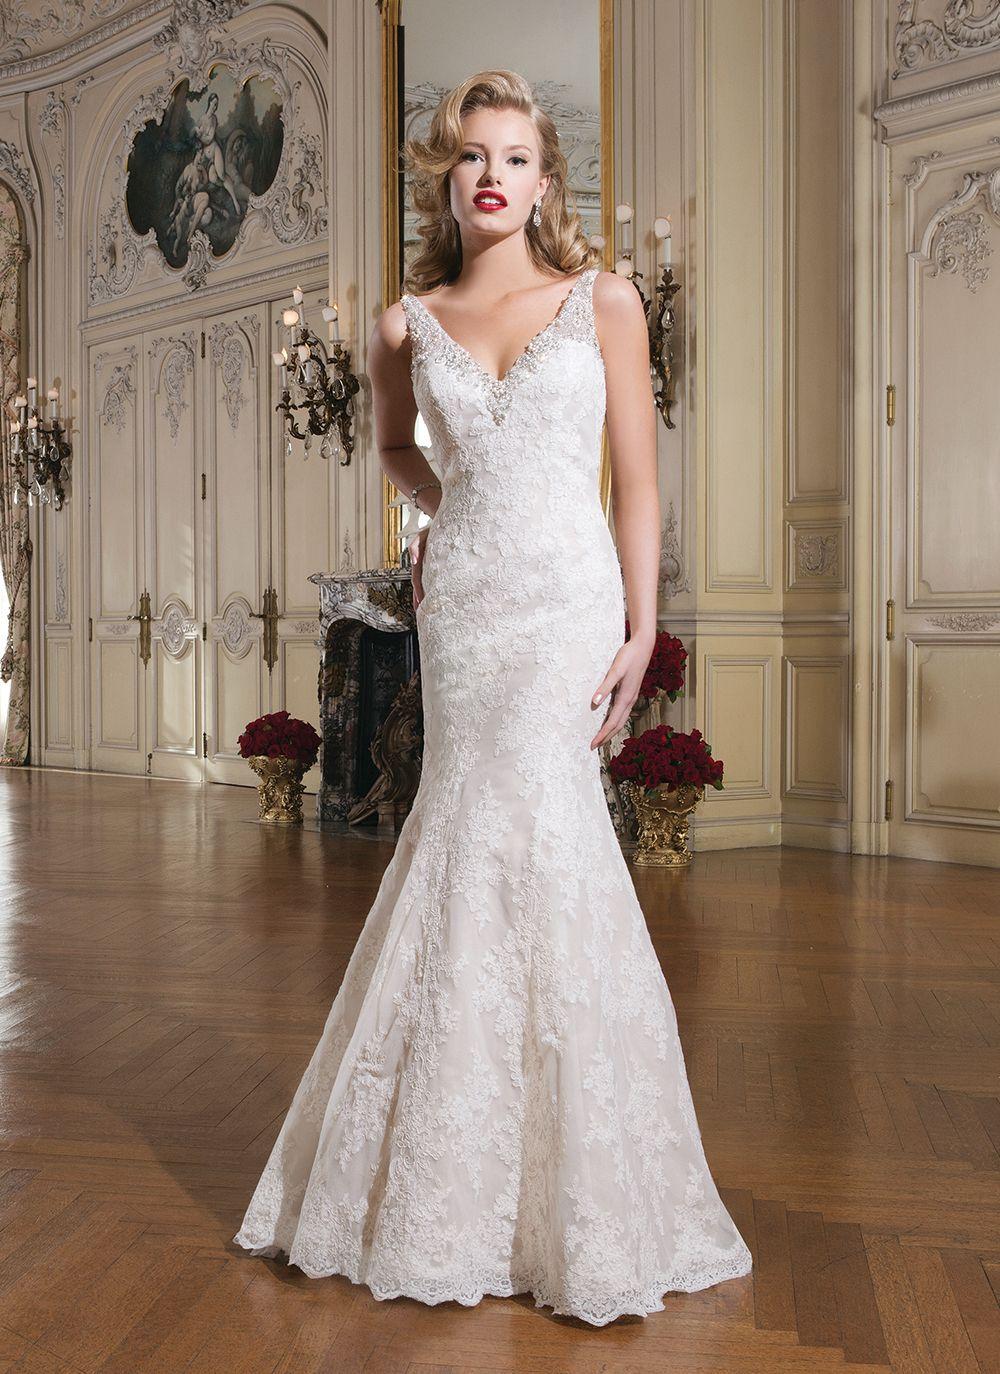 подписанные фото свадебных платьев сегодня вас